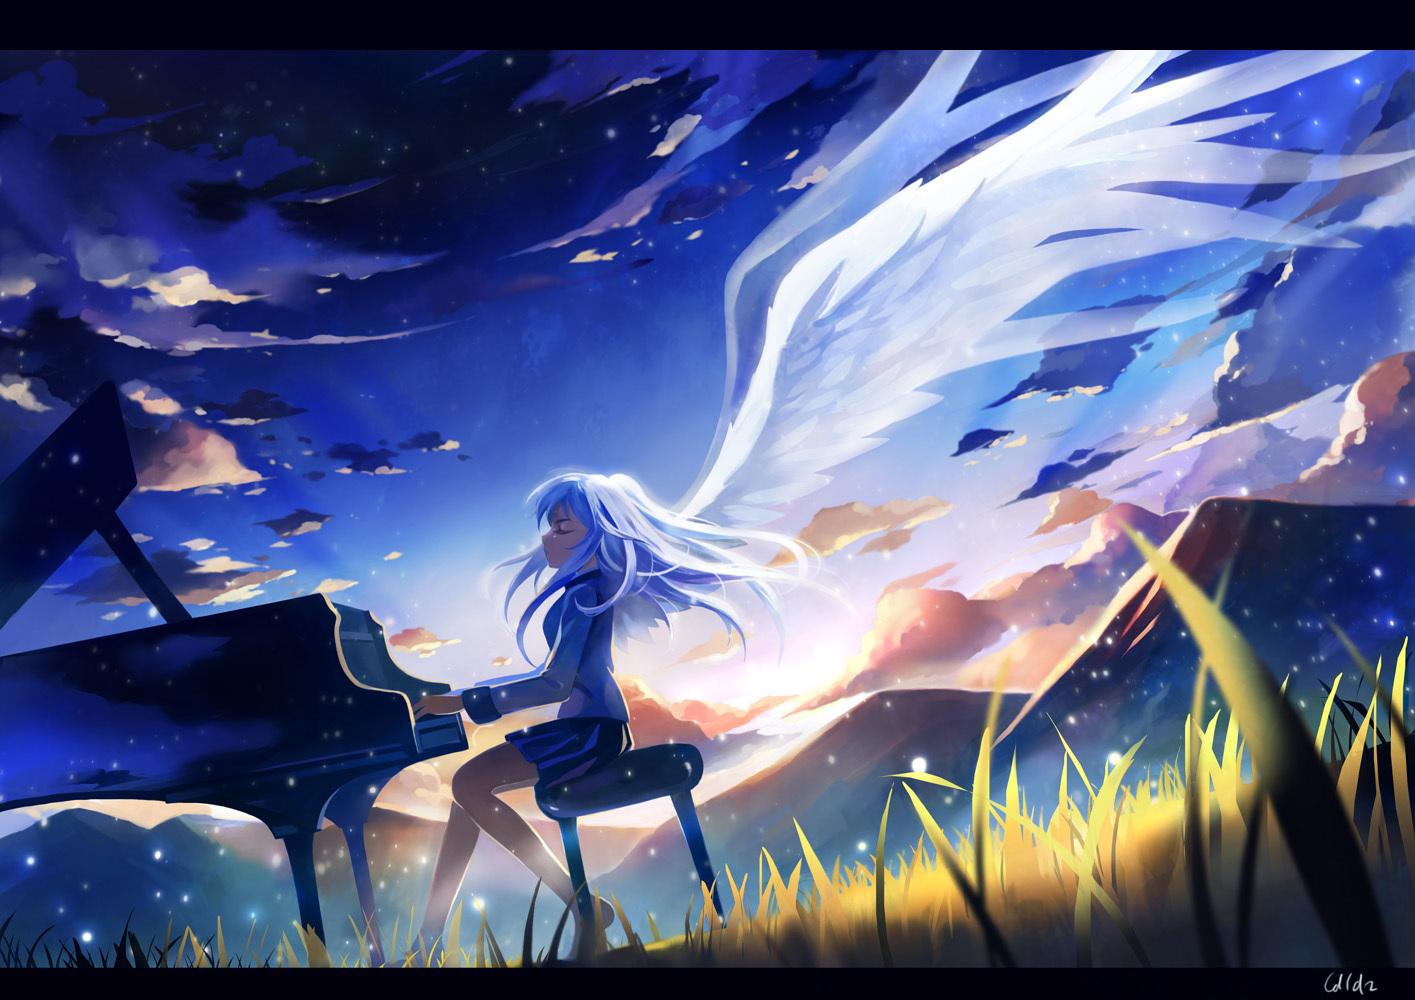 wallpapers-angel-beats-92